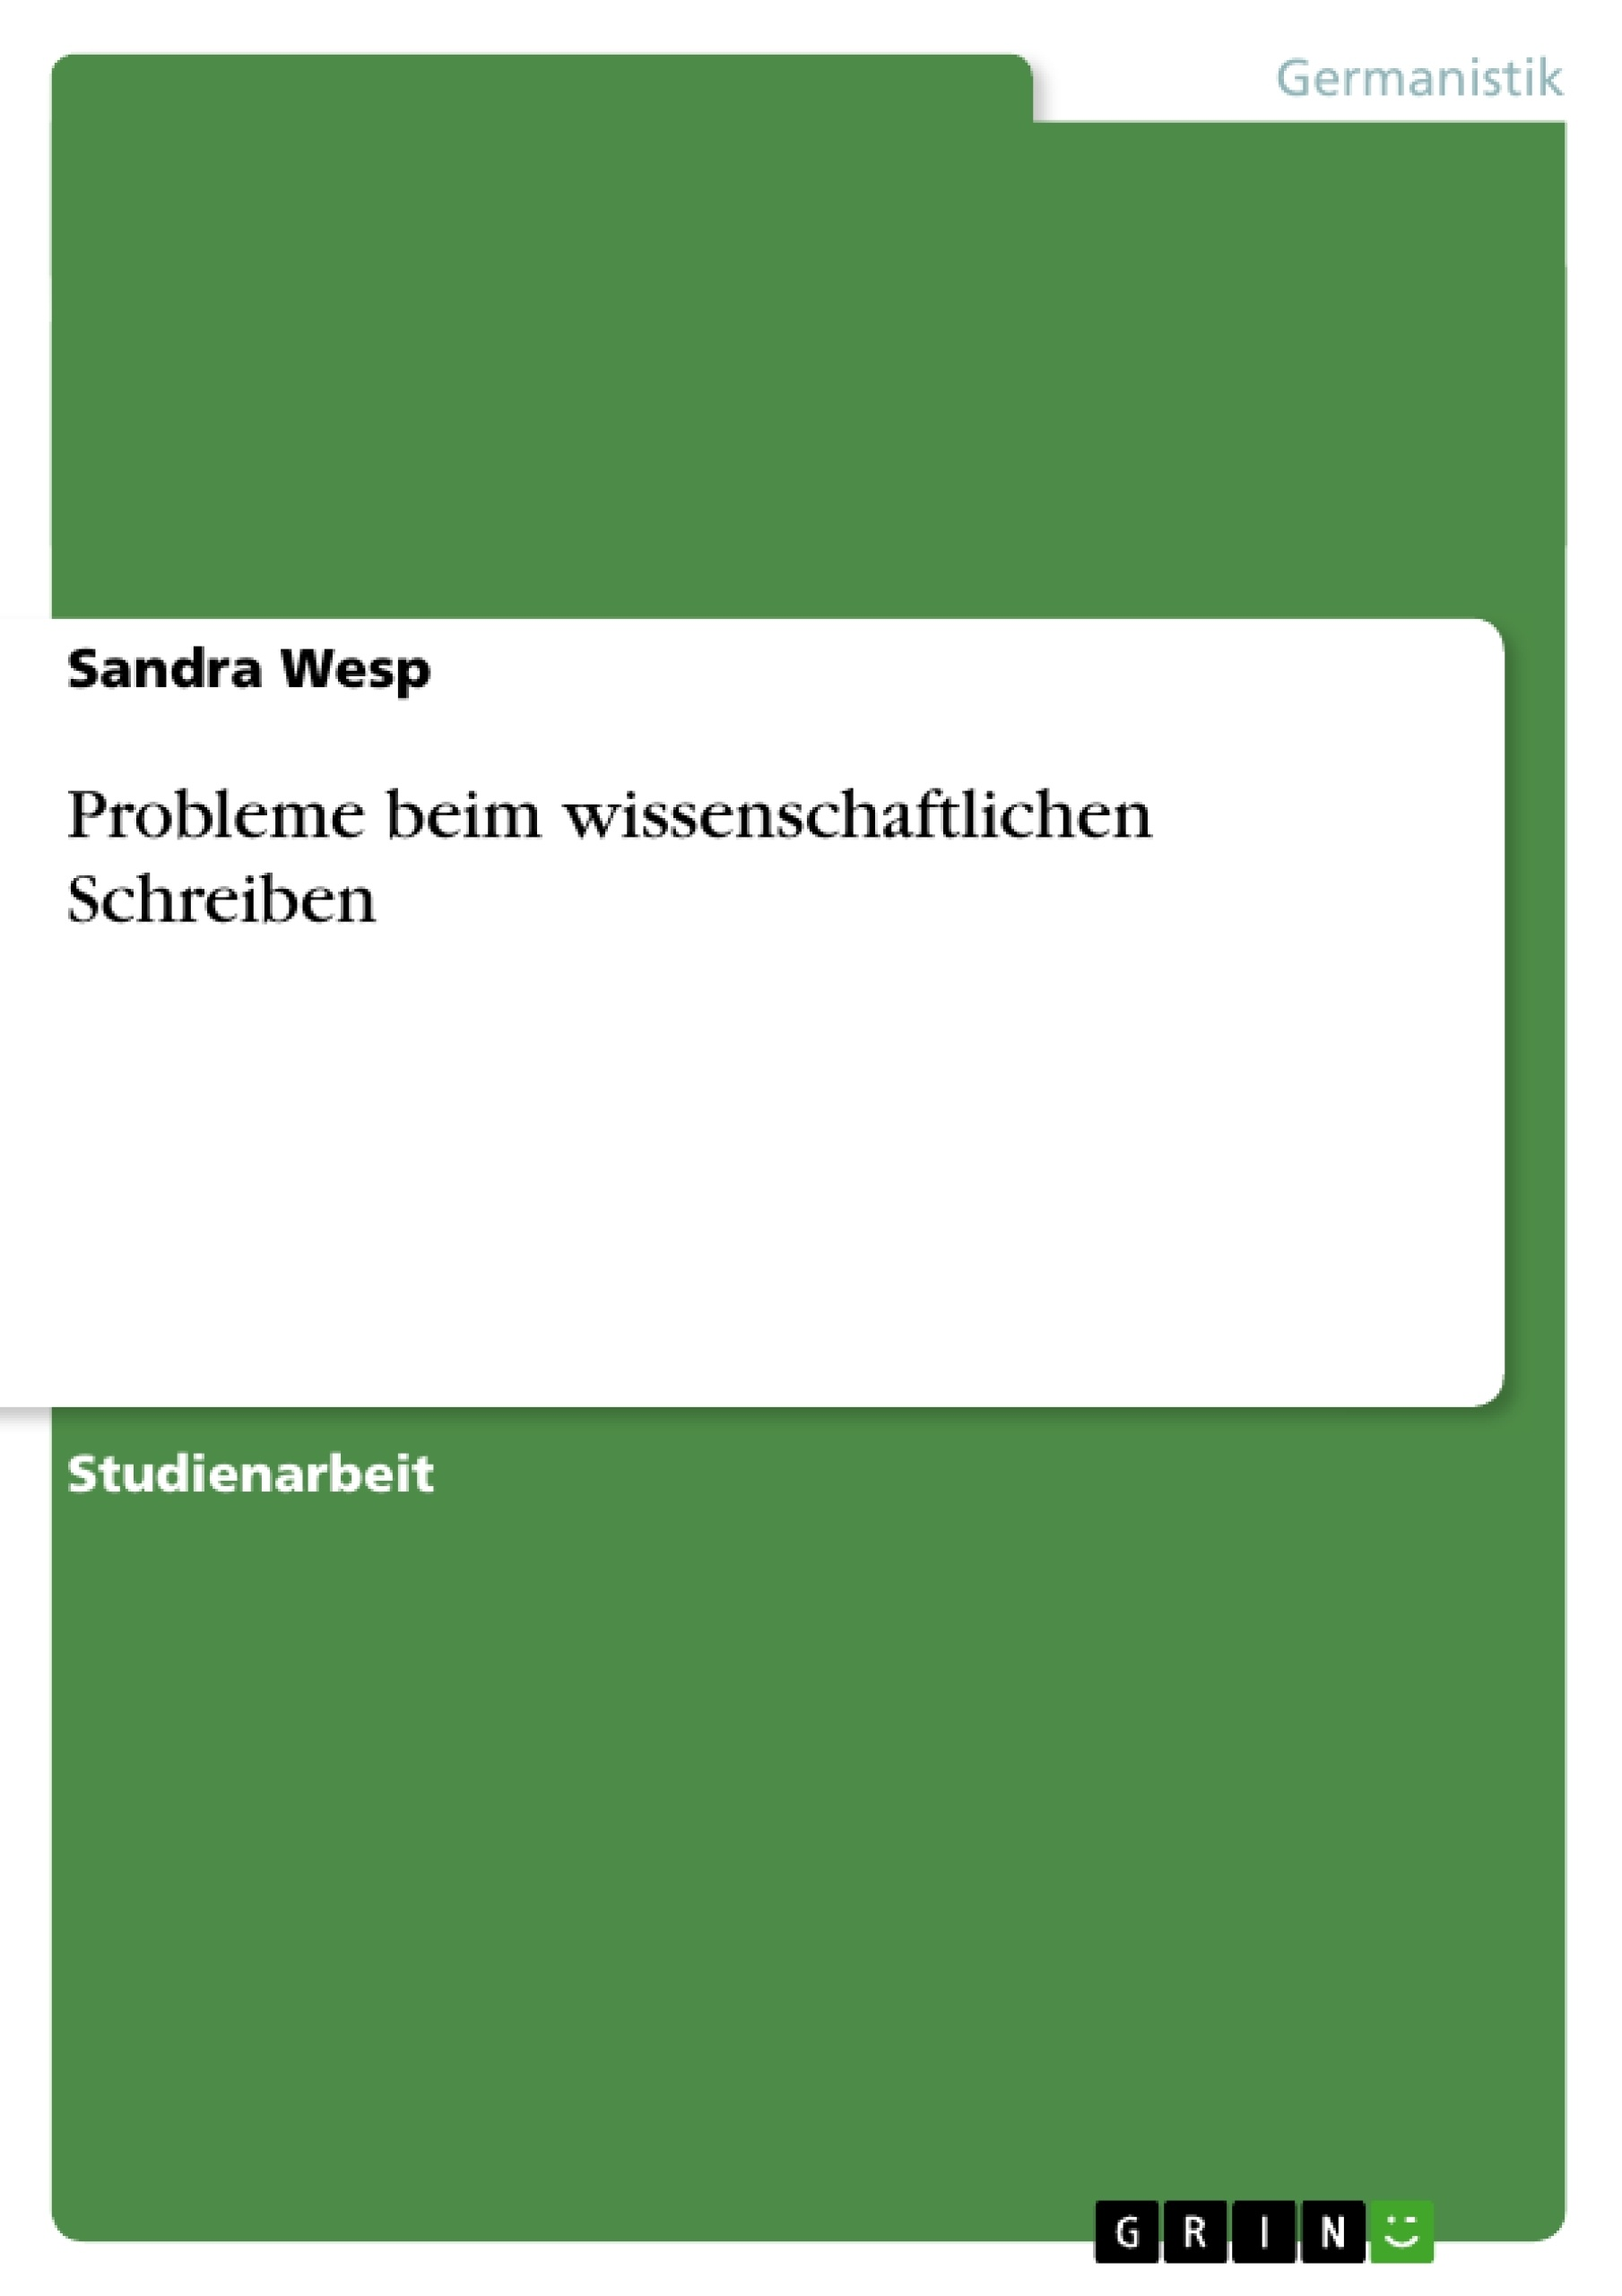 Titel: Probleme beim wissenschaftlichen Schreiben